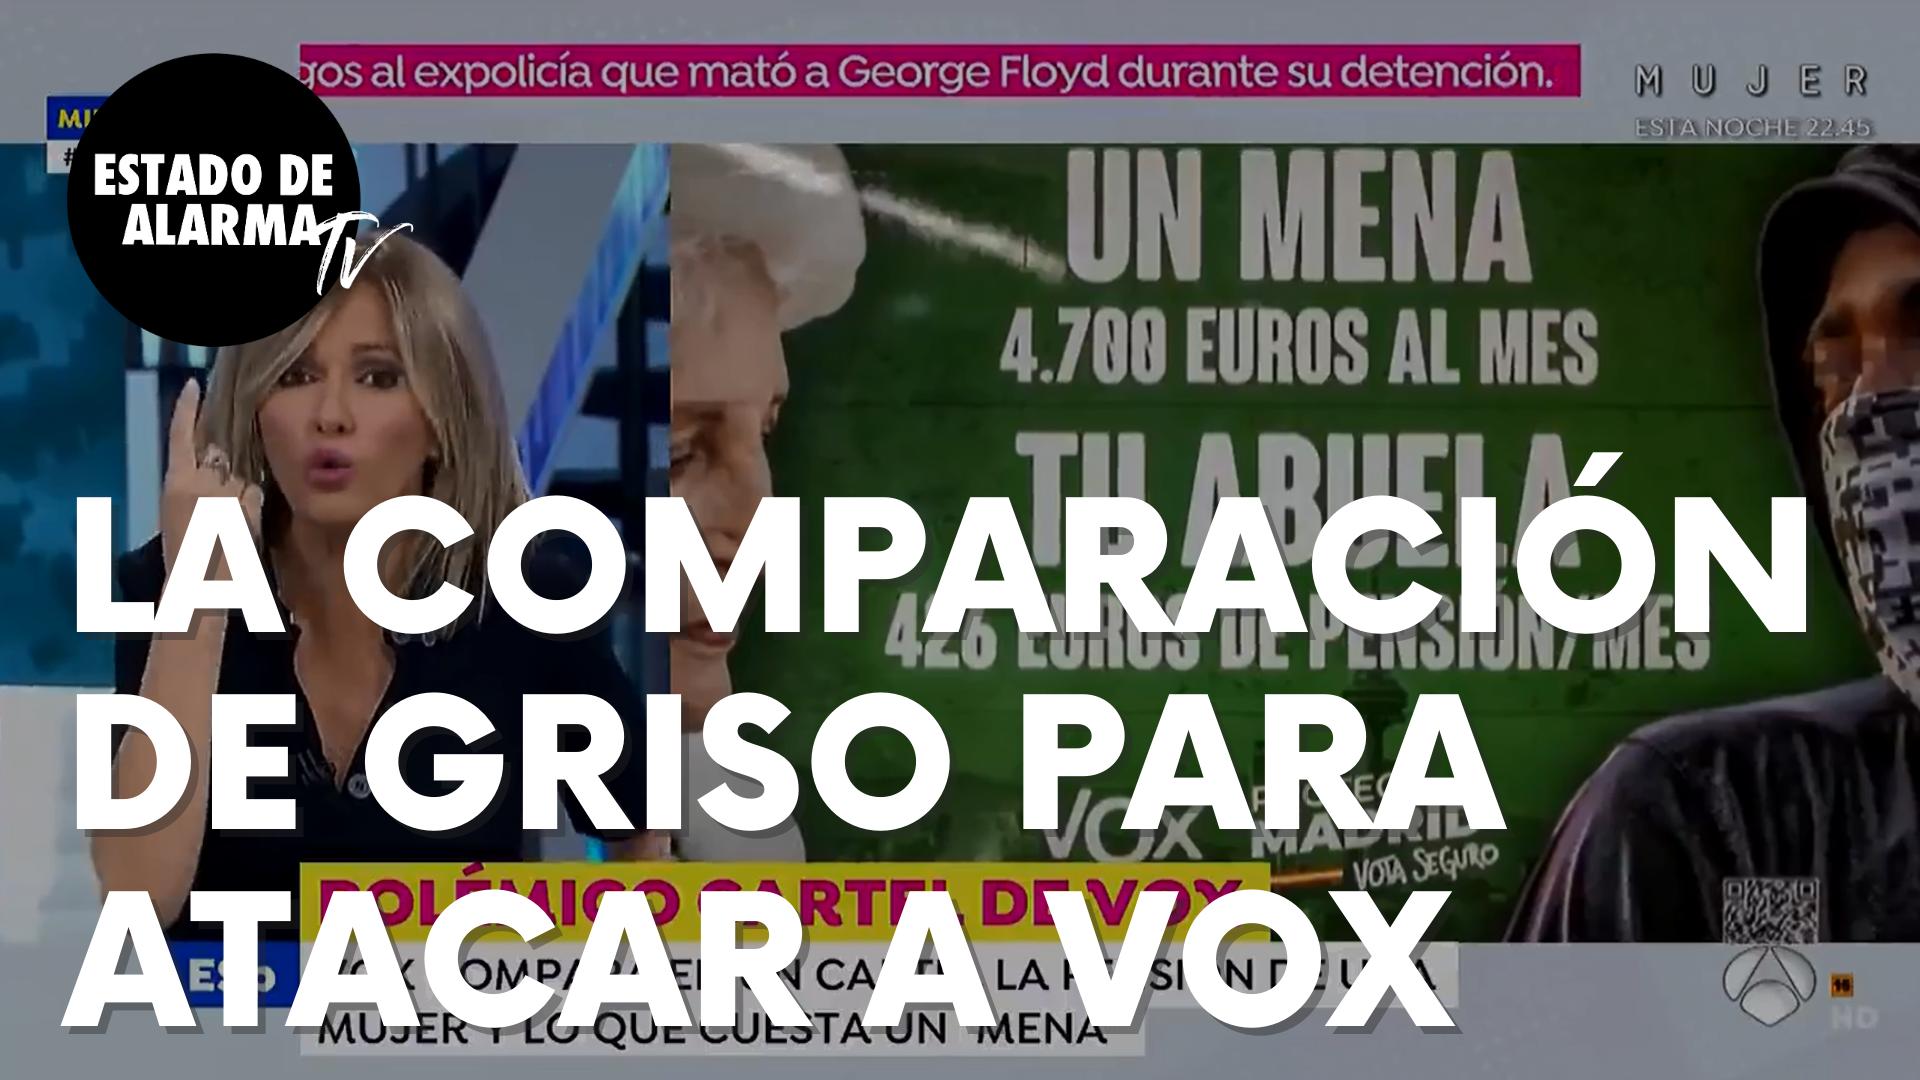 Susanna Griso utiliza esta sorprendente comparación para atacar a Vox a cuenta de los 'menas'